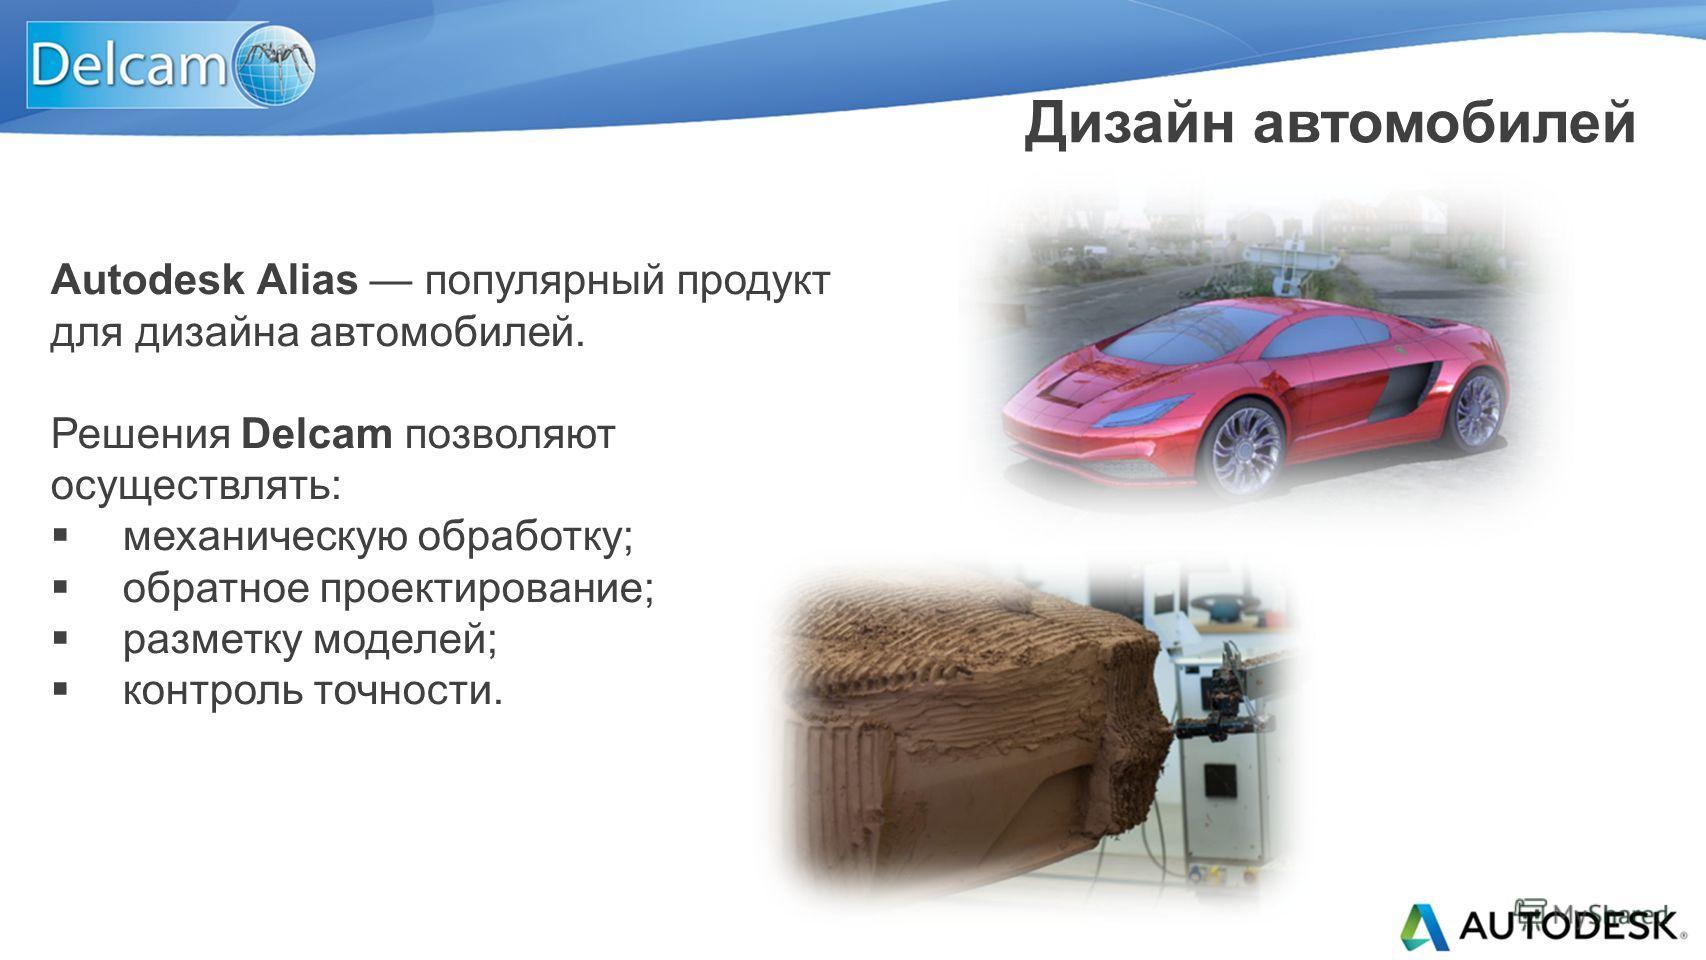 Autodesk Alias популярный продукт для дизайна автомобилей. Решения Delcam позволяют осуществлять: механическую обработку; обратное проектирование; разметку моделей; контроль точности. Дизайн автомобилей